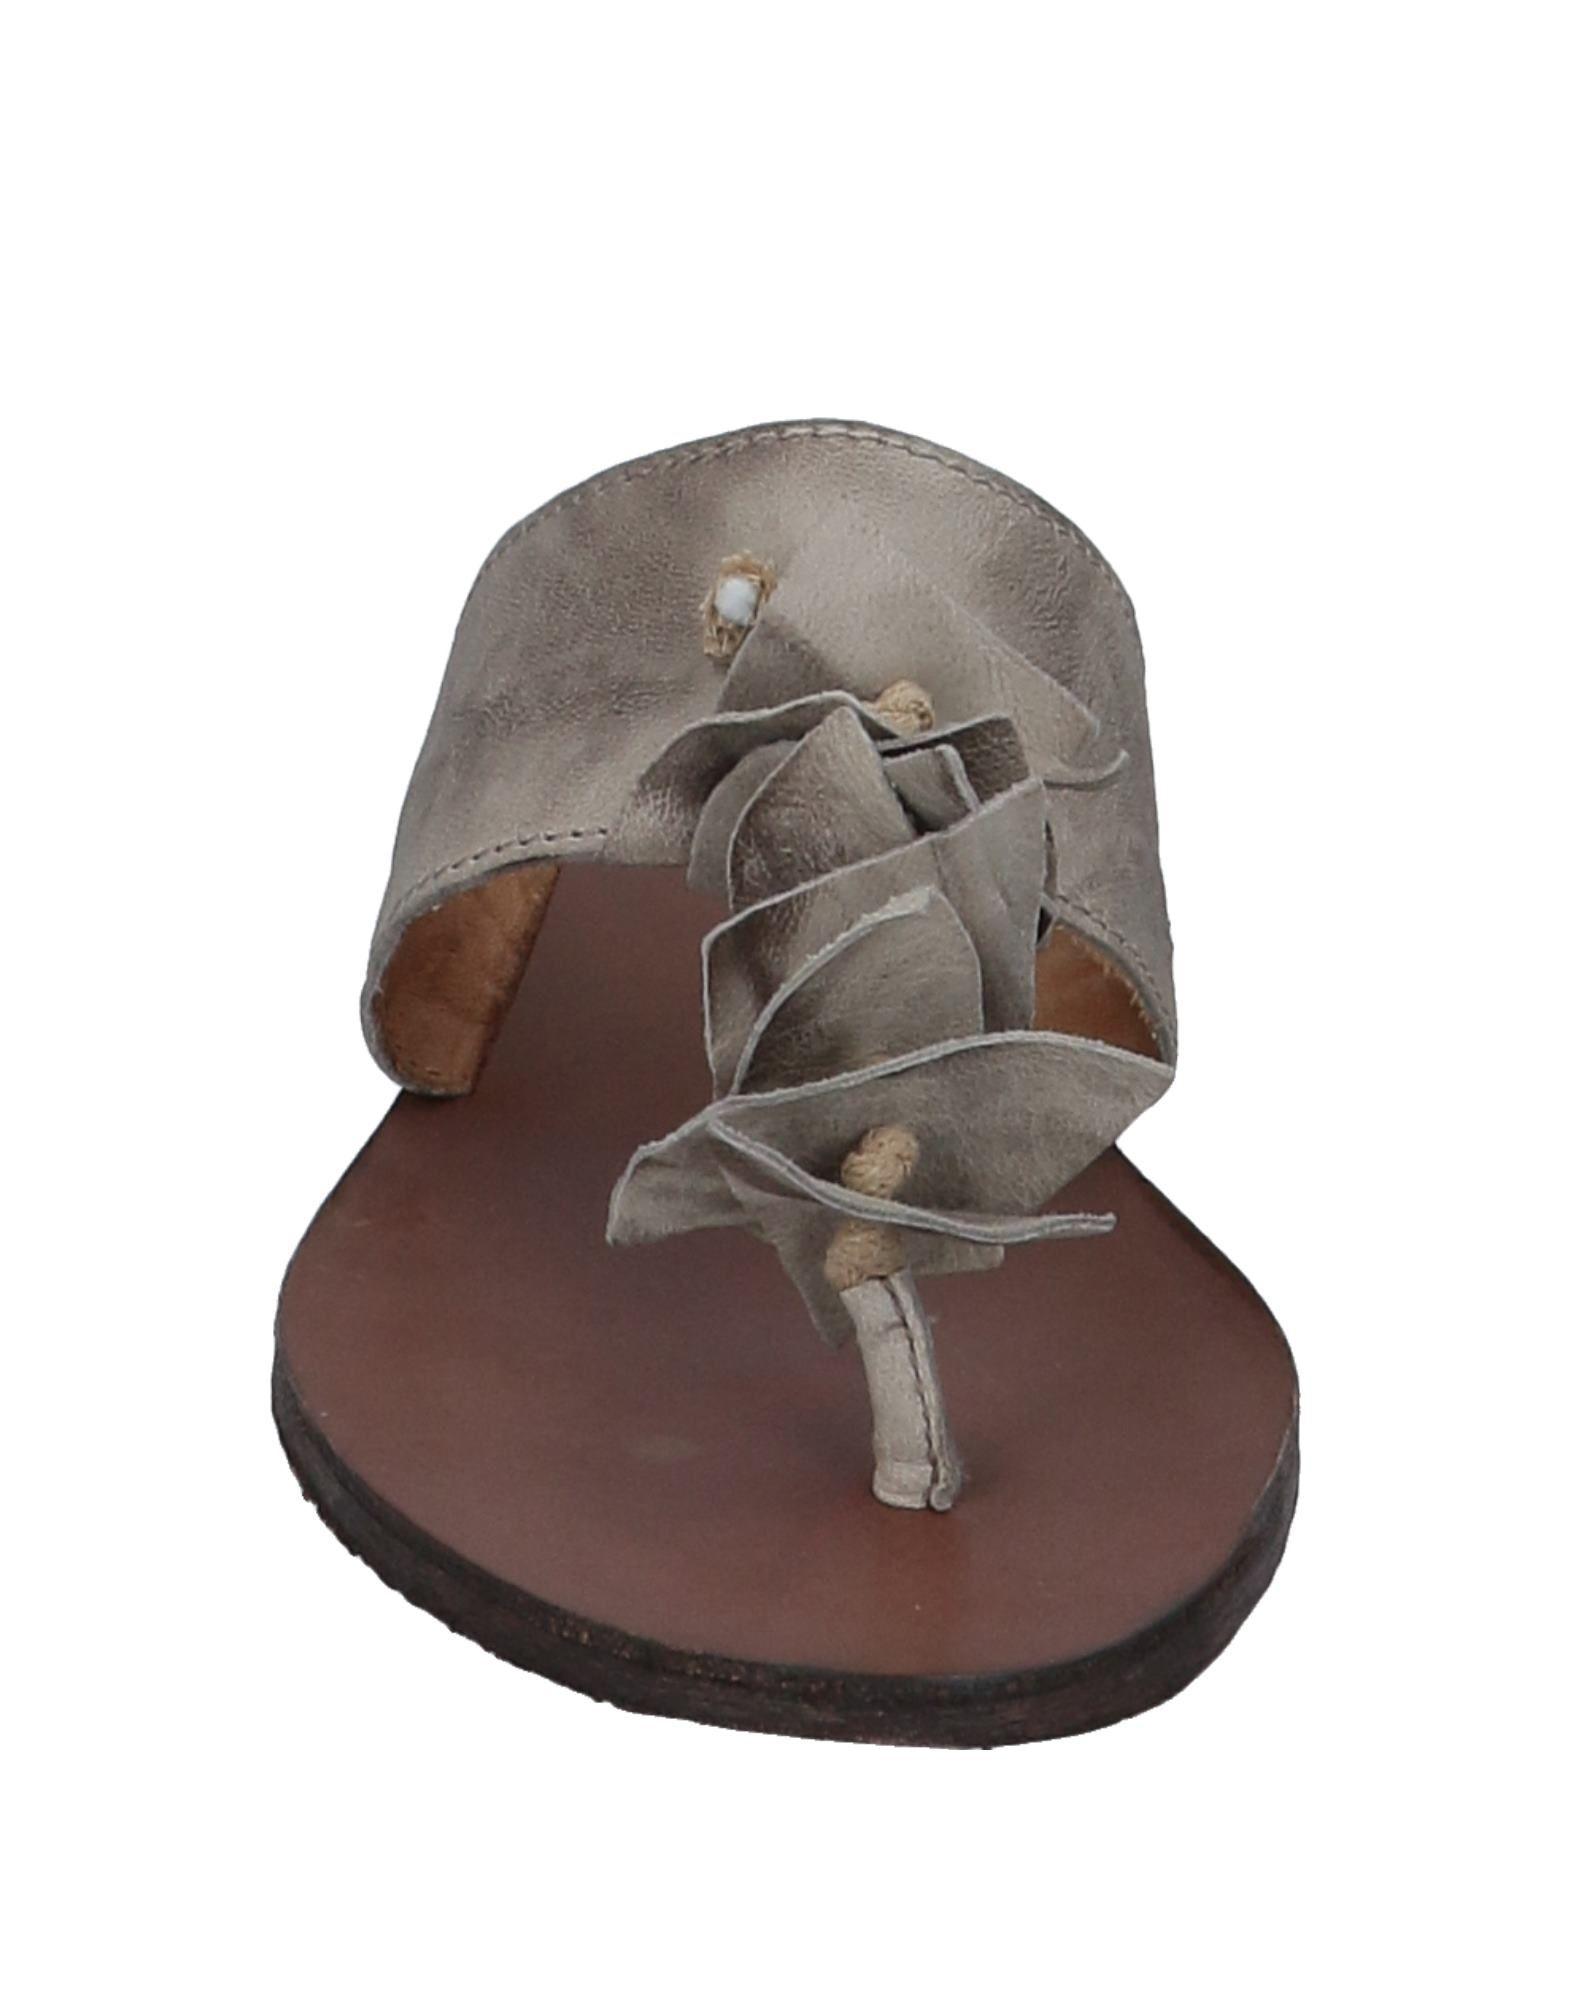 Clocharme Dianetten Damen  beliebte 11528023NC Gute Qualität beliebte  Schuhe 7bd3d5